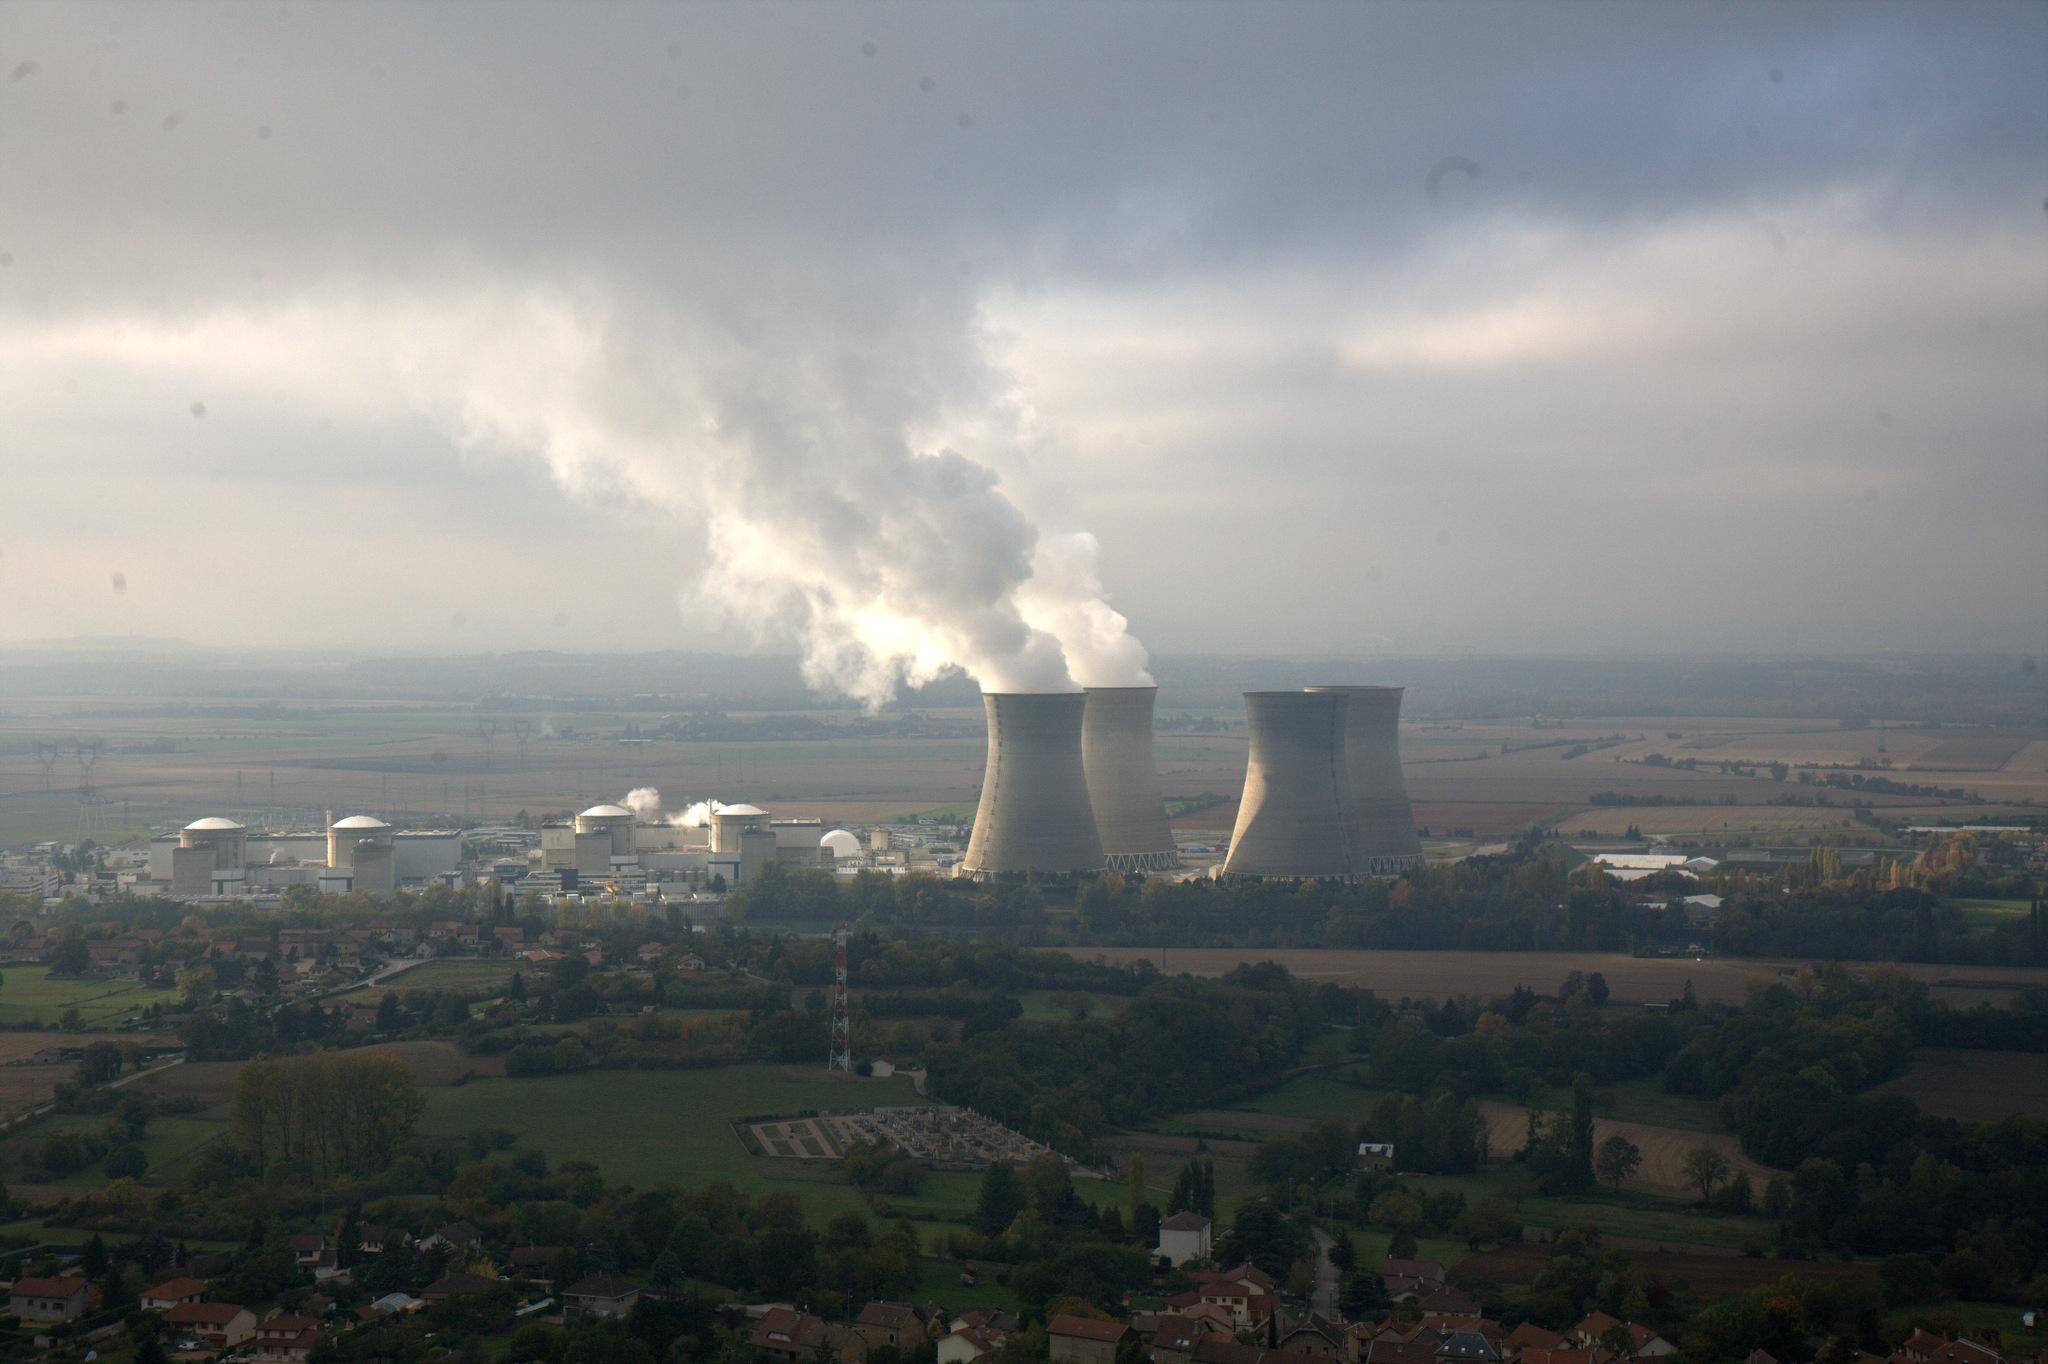 Kernkraftwerk Bugey bei Lyon mit vier 128 m hohen Kühltürmen und zwei Dampffahnen